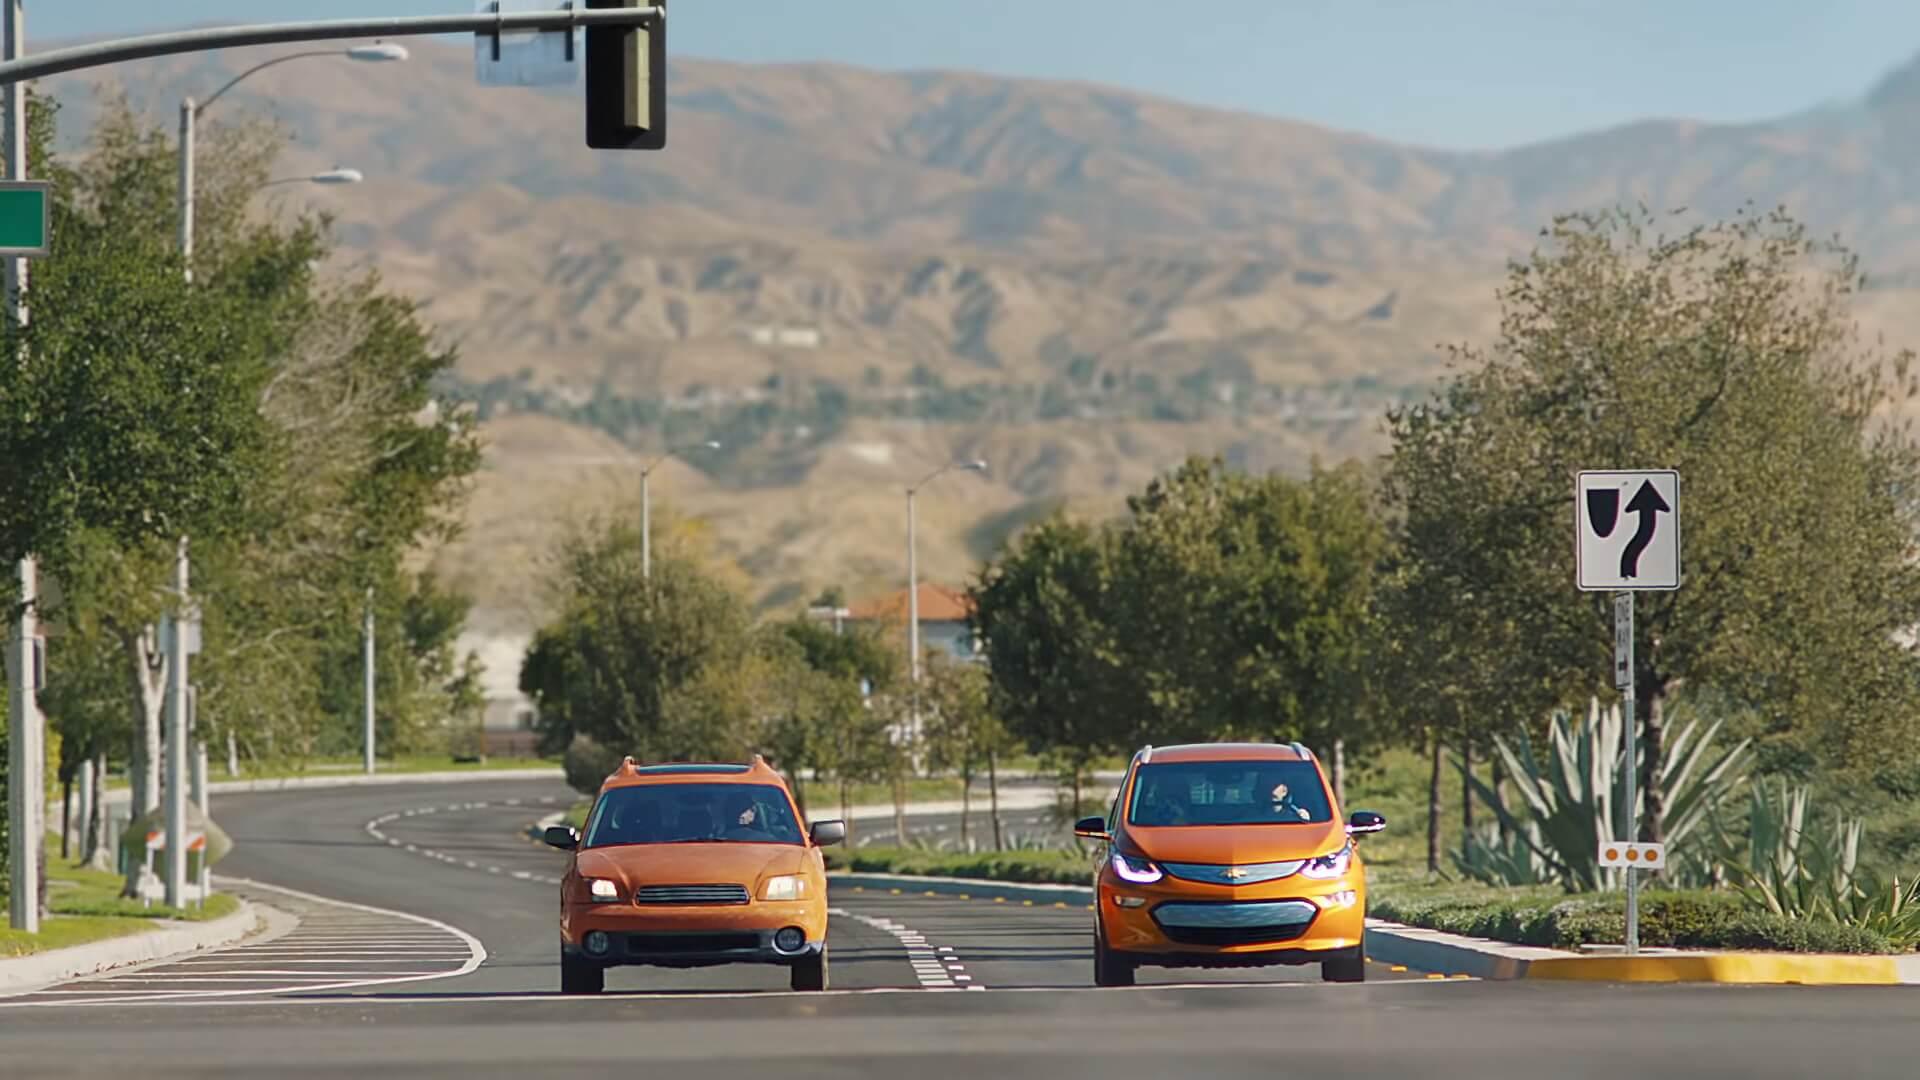 Автомобиль с ДВС и электромобиль Chevy Bolt